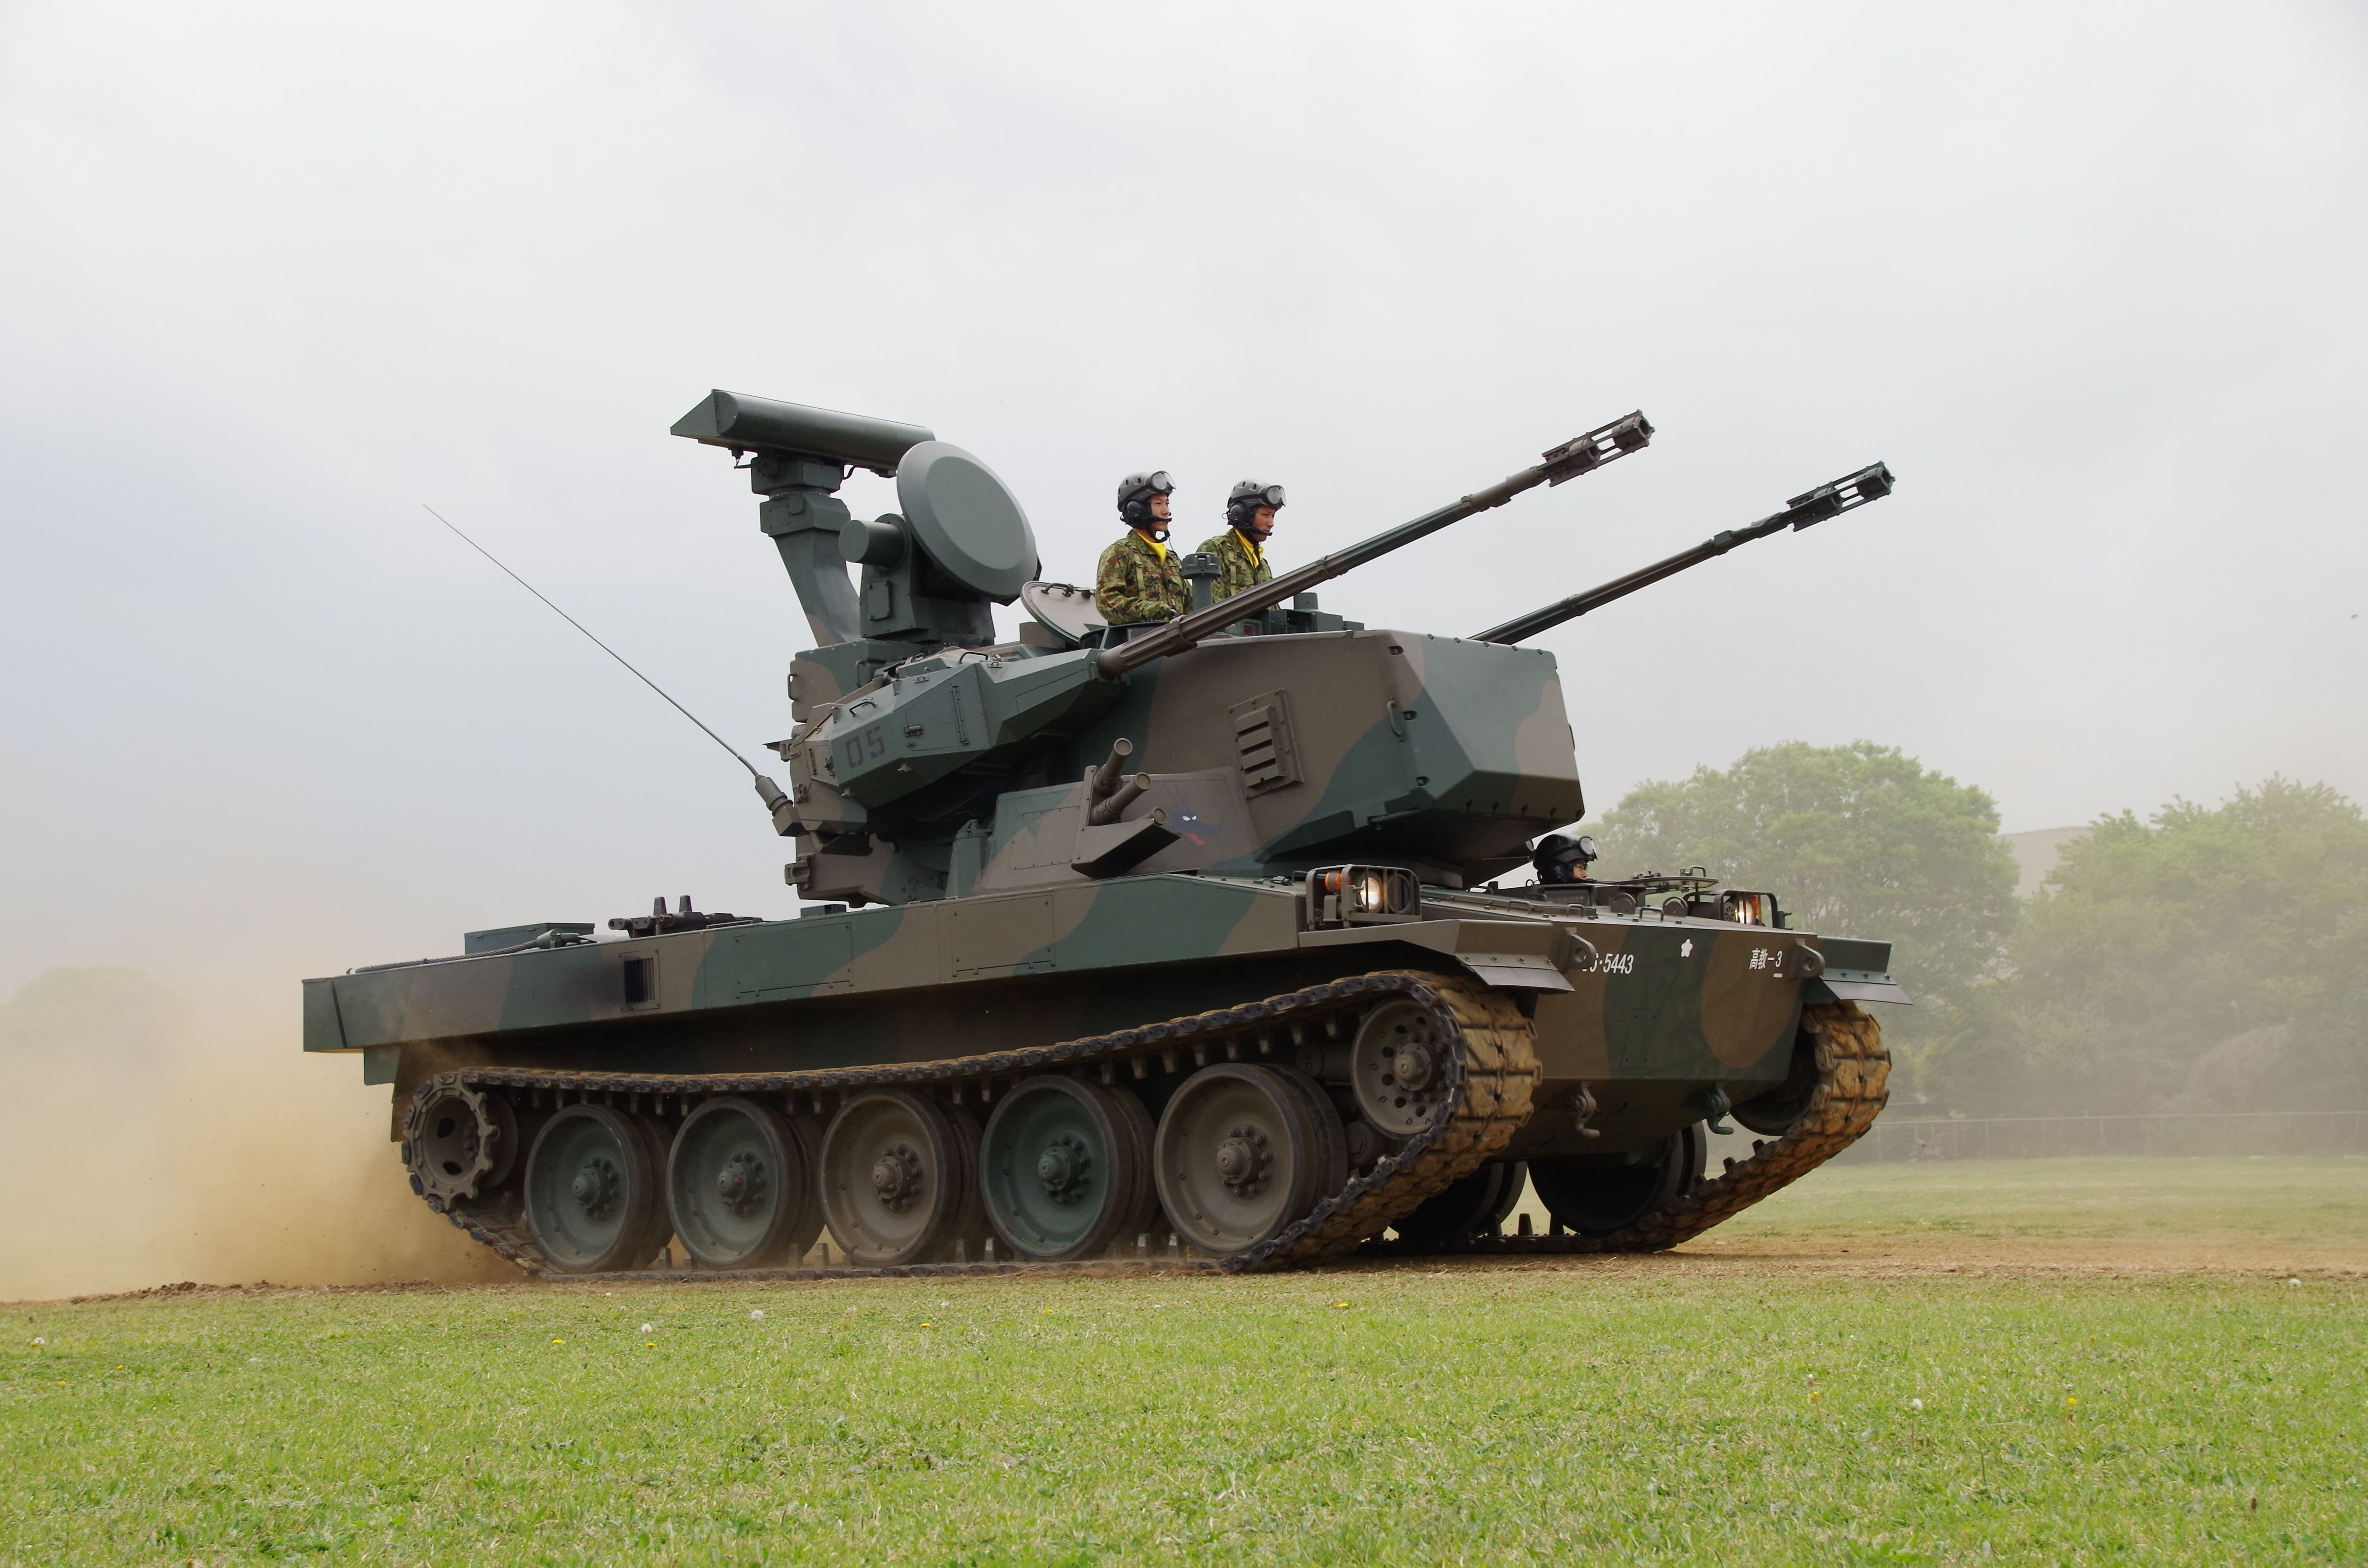 ボード「Historical Warfare Vehicle Encyclopedia」のピン